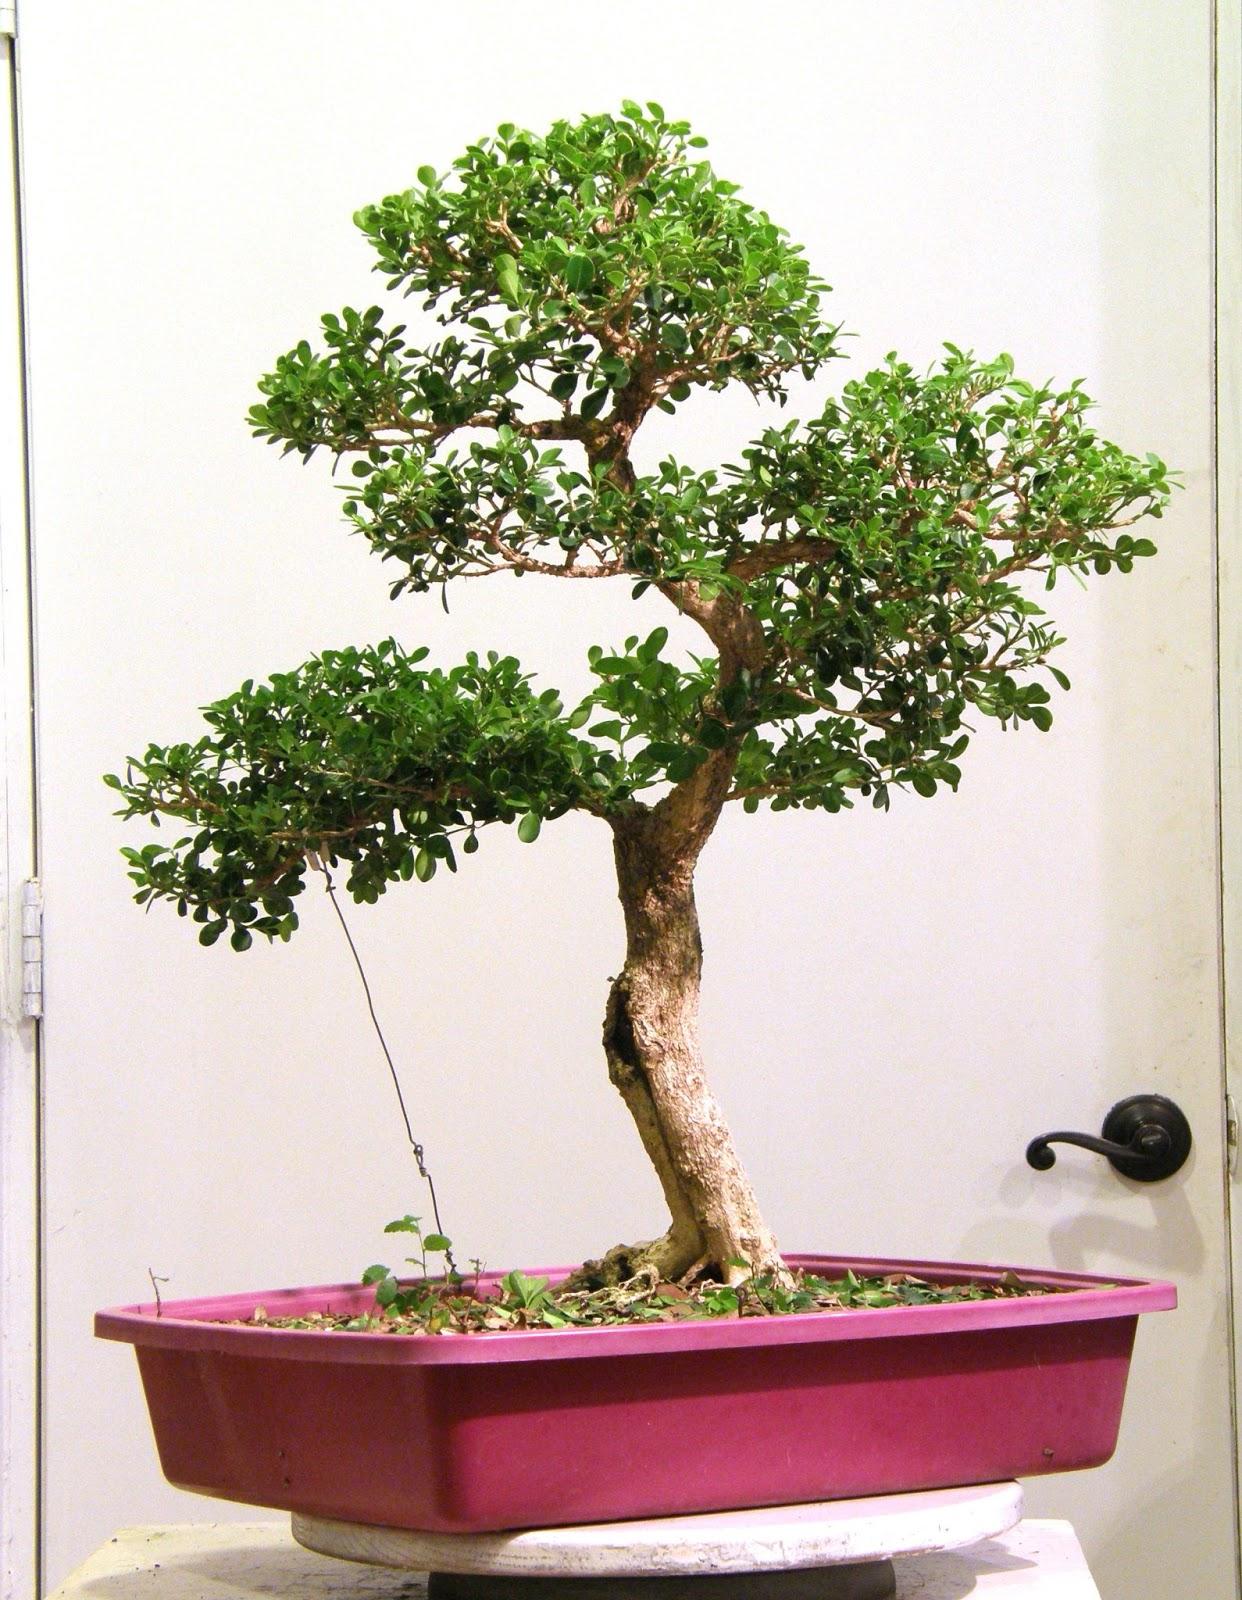 Heart Of Texas Bonsai Japanese Boxwood 3 The Cemetary Boxwood